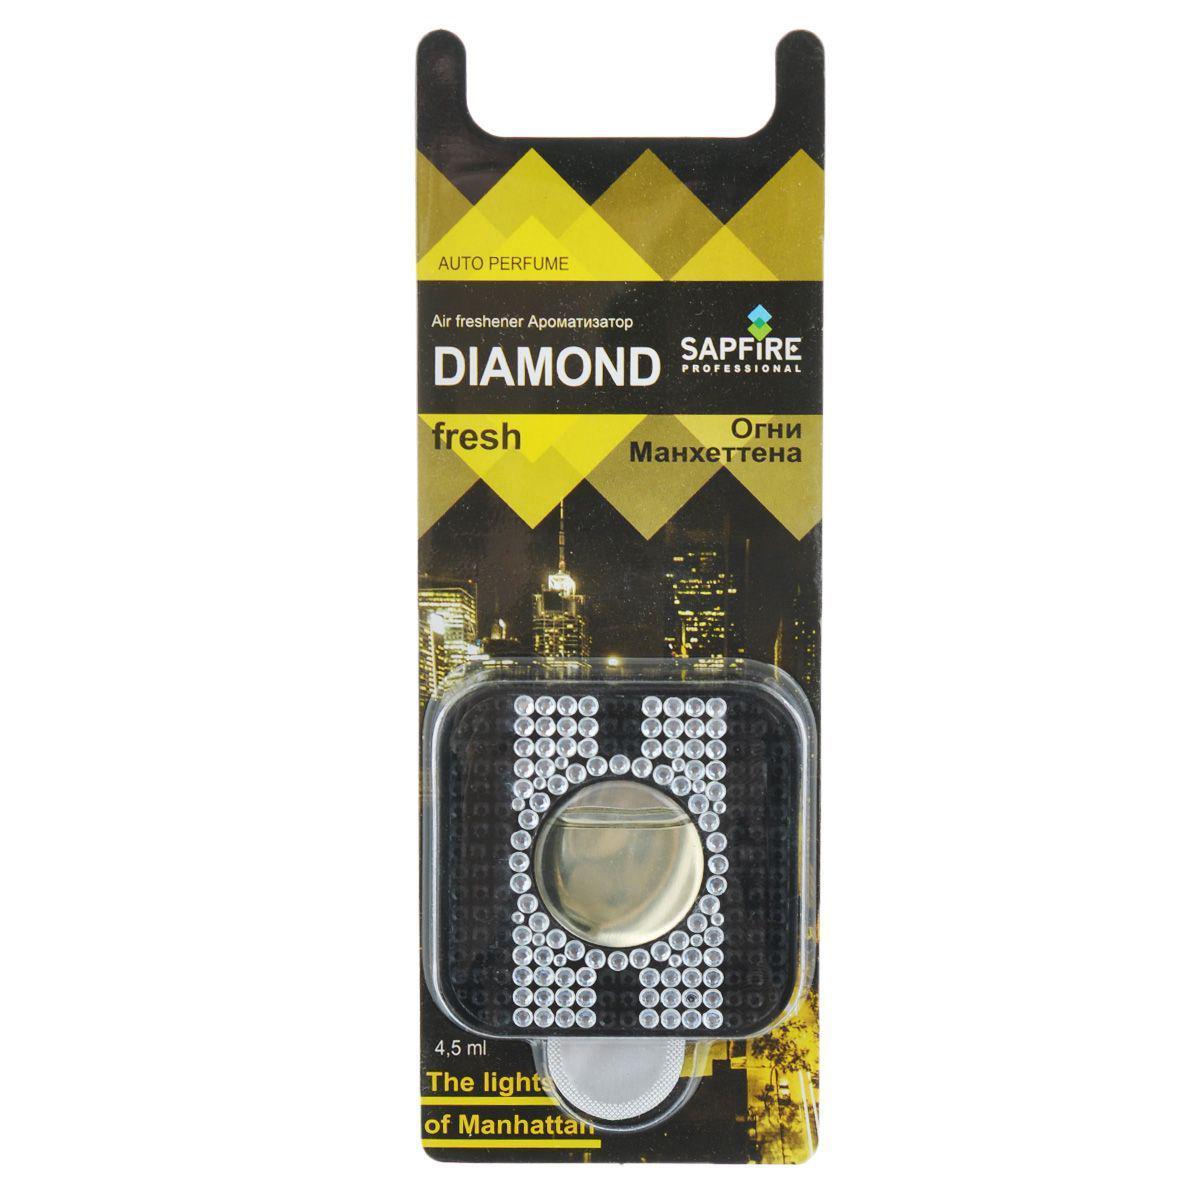 Ароматизатор в дефлектор Sapfire Diamond Fresh, огни Манхеттена07764-SAAАвтомобильный освежитель воздуха Sapfire Diamond Fresh имеет приятный аромат. Ароматизатор, изготовленный с использованием современной мембранной технологии, - это безопасно, удобно и гарантирует длительную работу, без риска пролить жидкое содержимое. Корпус ароматизатора квадратной формы, выполнен из пластика и украшен цветными стразами. Крепится ароматизатор на дефлектор в автомобиле. Состав: парфюмерная композиция, гель, пластик, алюминиевая фольга. Размер ароматизатора: 5,5 см х 5,5 см х 1 см.